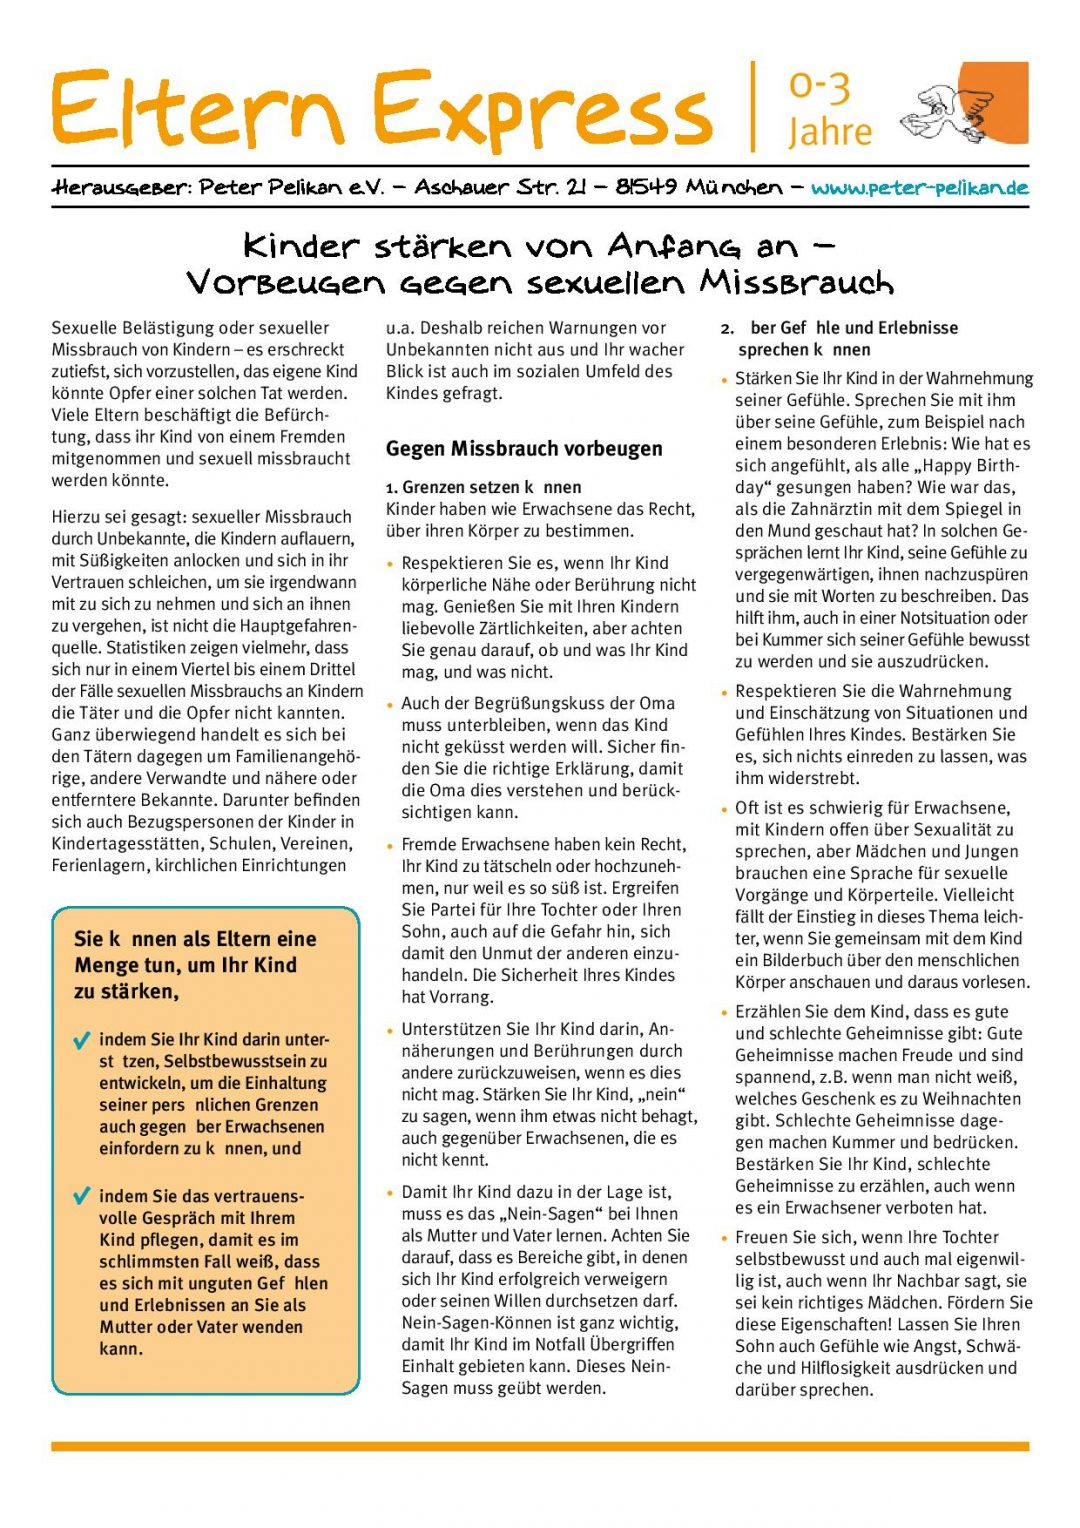 Express-Brief No. 8 Kinder stärken von Anfang an